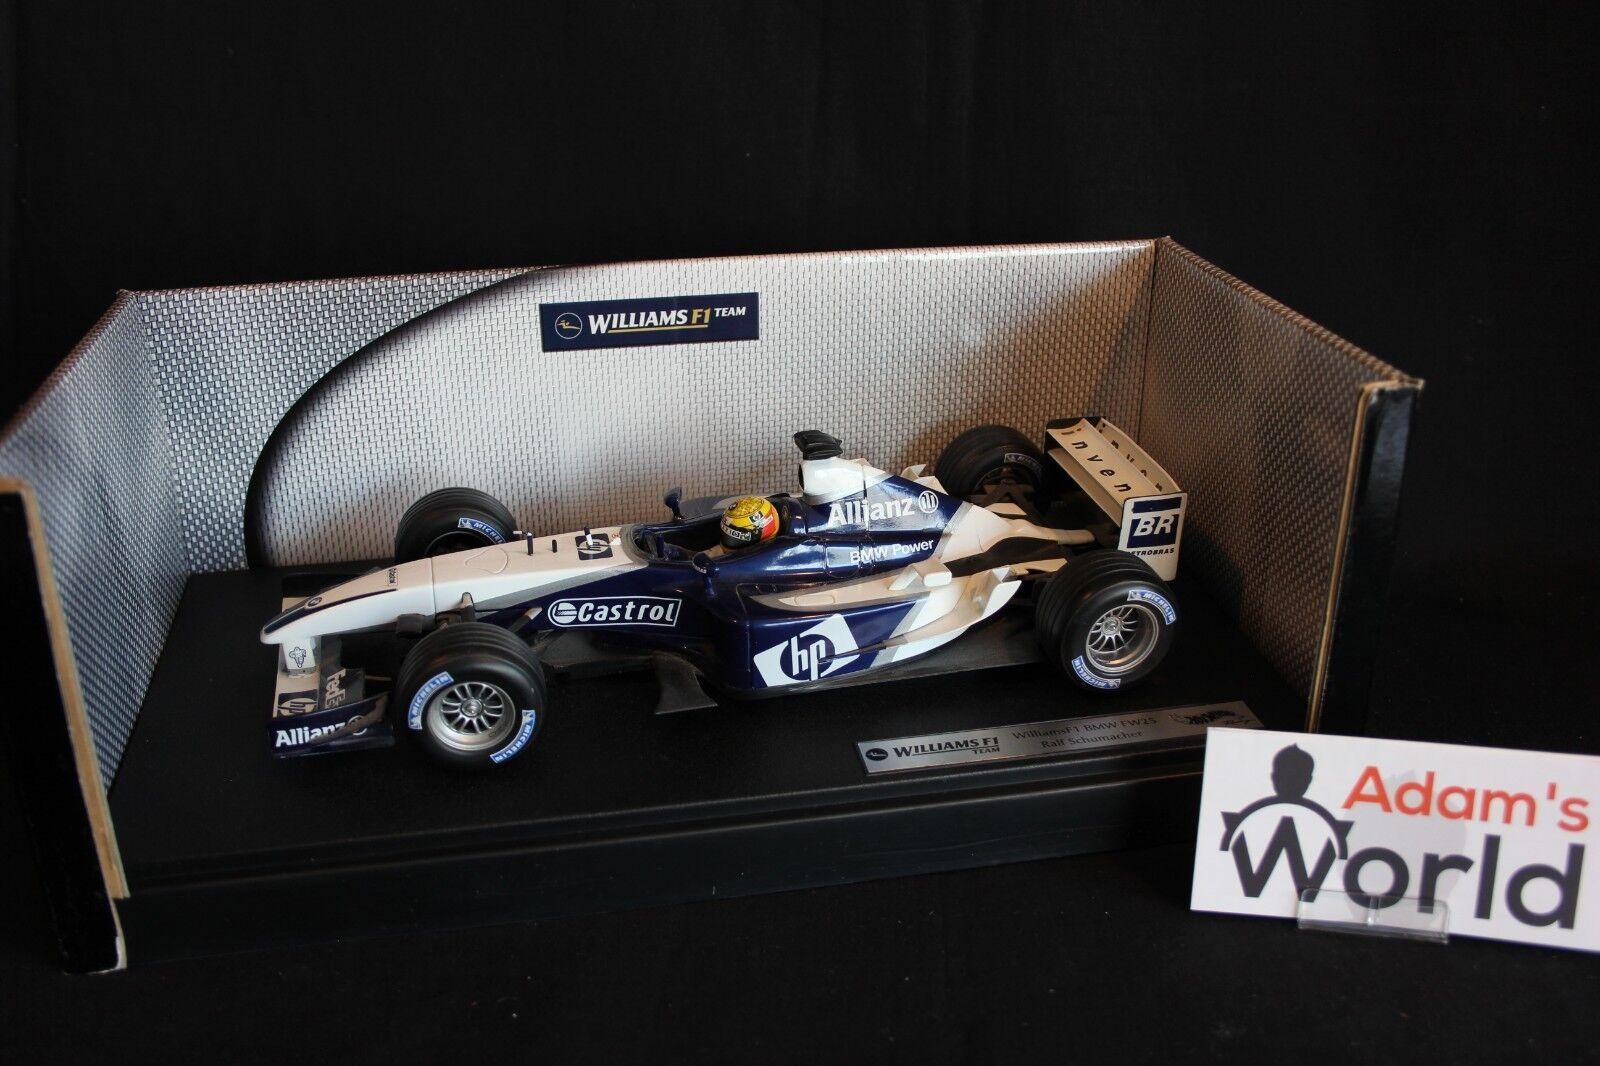 Hot Wheels Williams BMW FW25 2003 1 18 Ralf Schumacher (GER)